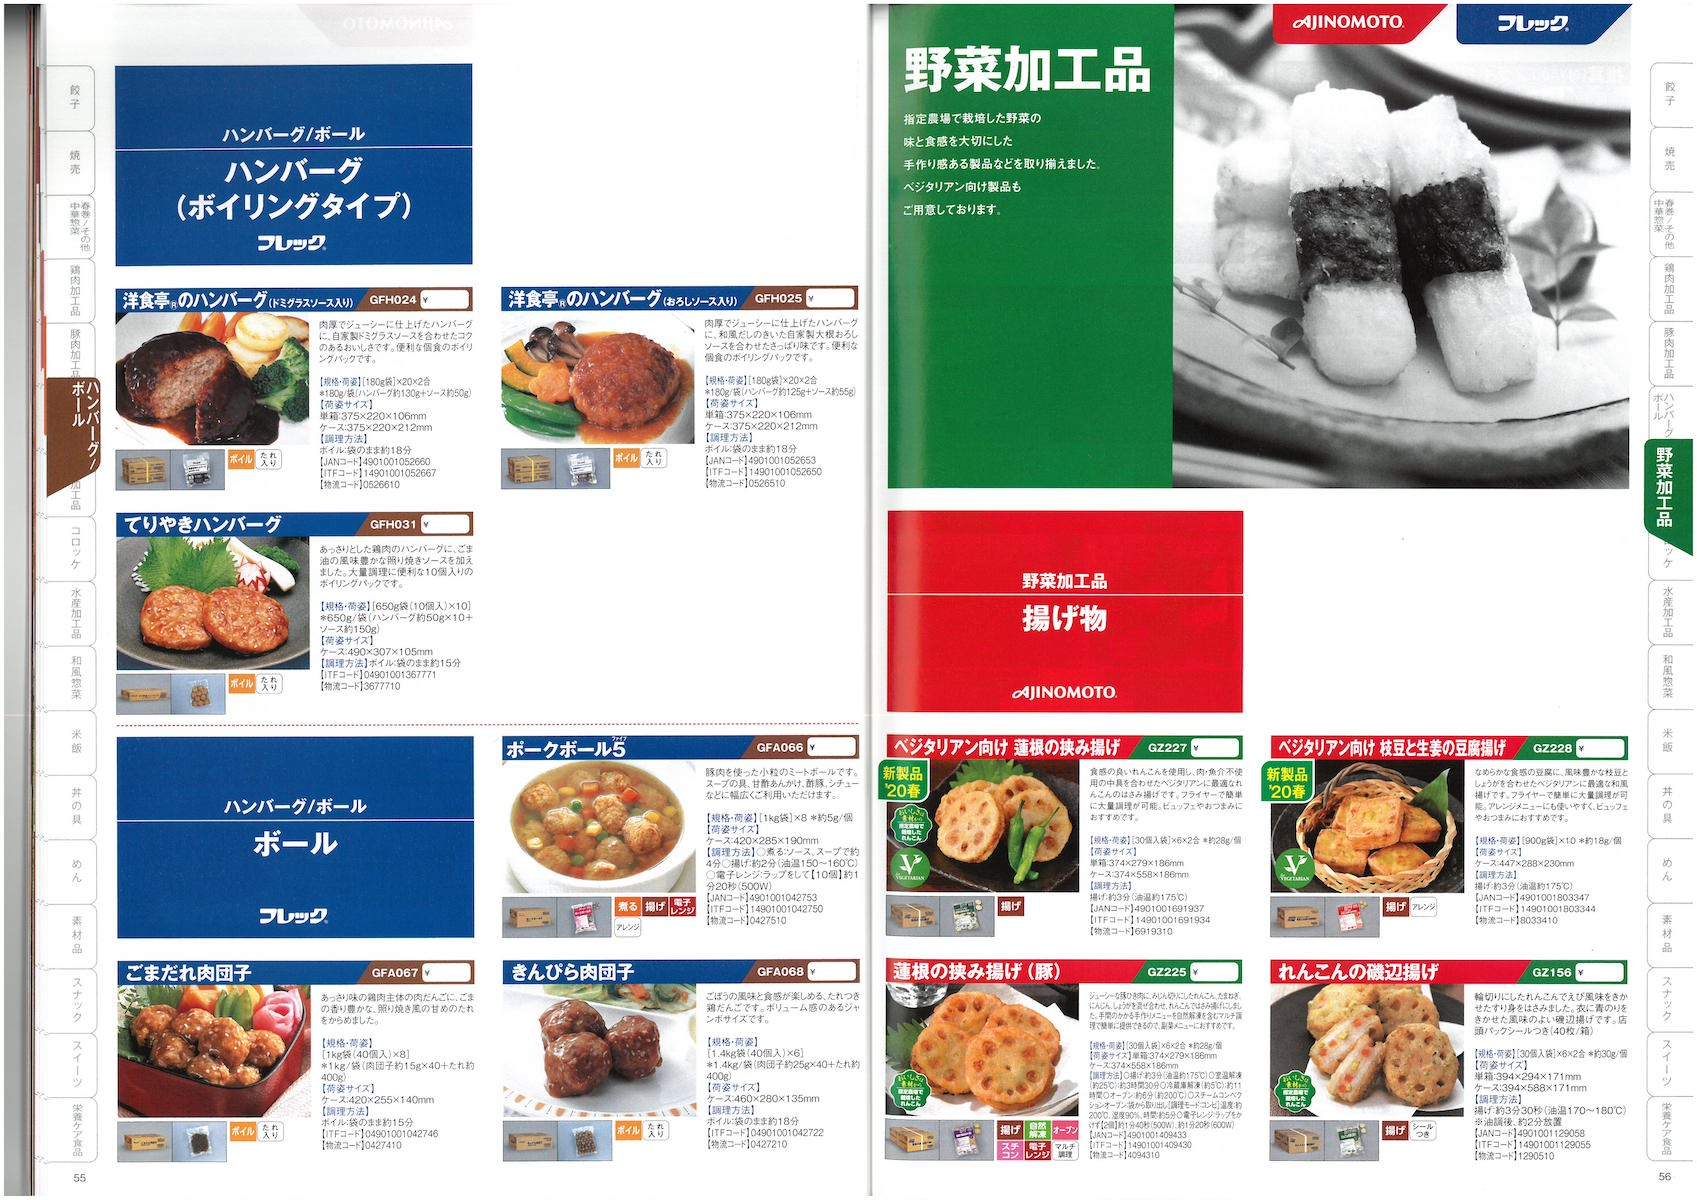 味の素冷凍食品 2020 秋